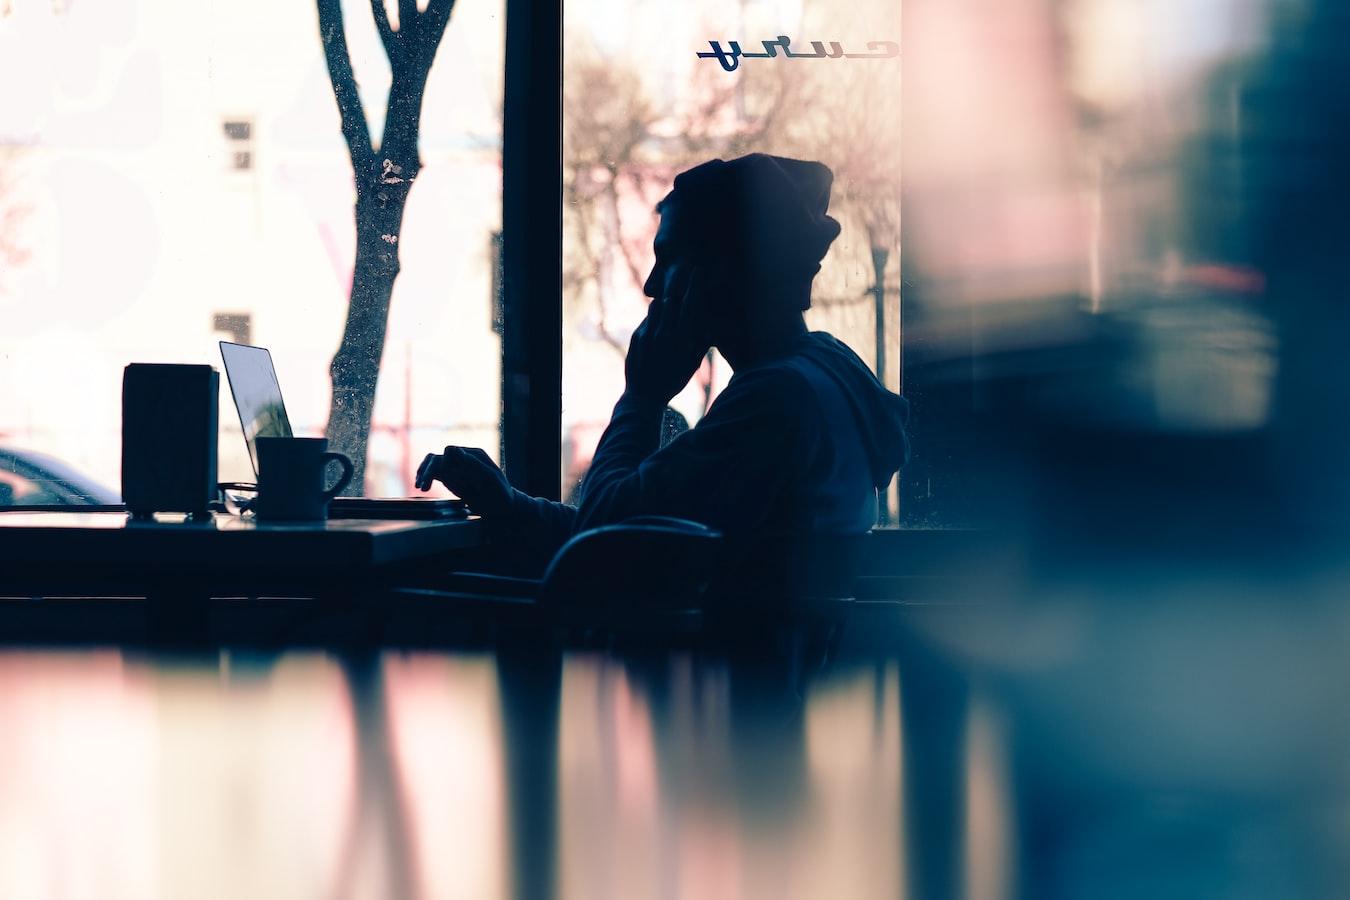 労働時間が減らないなら、転職や退職も視野に